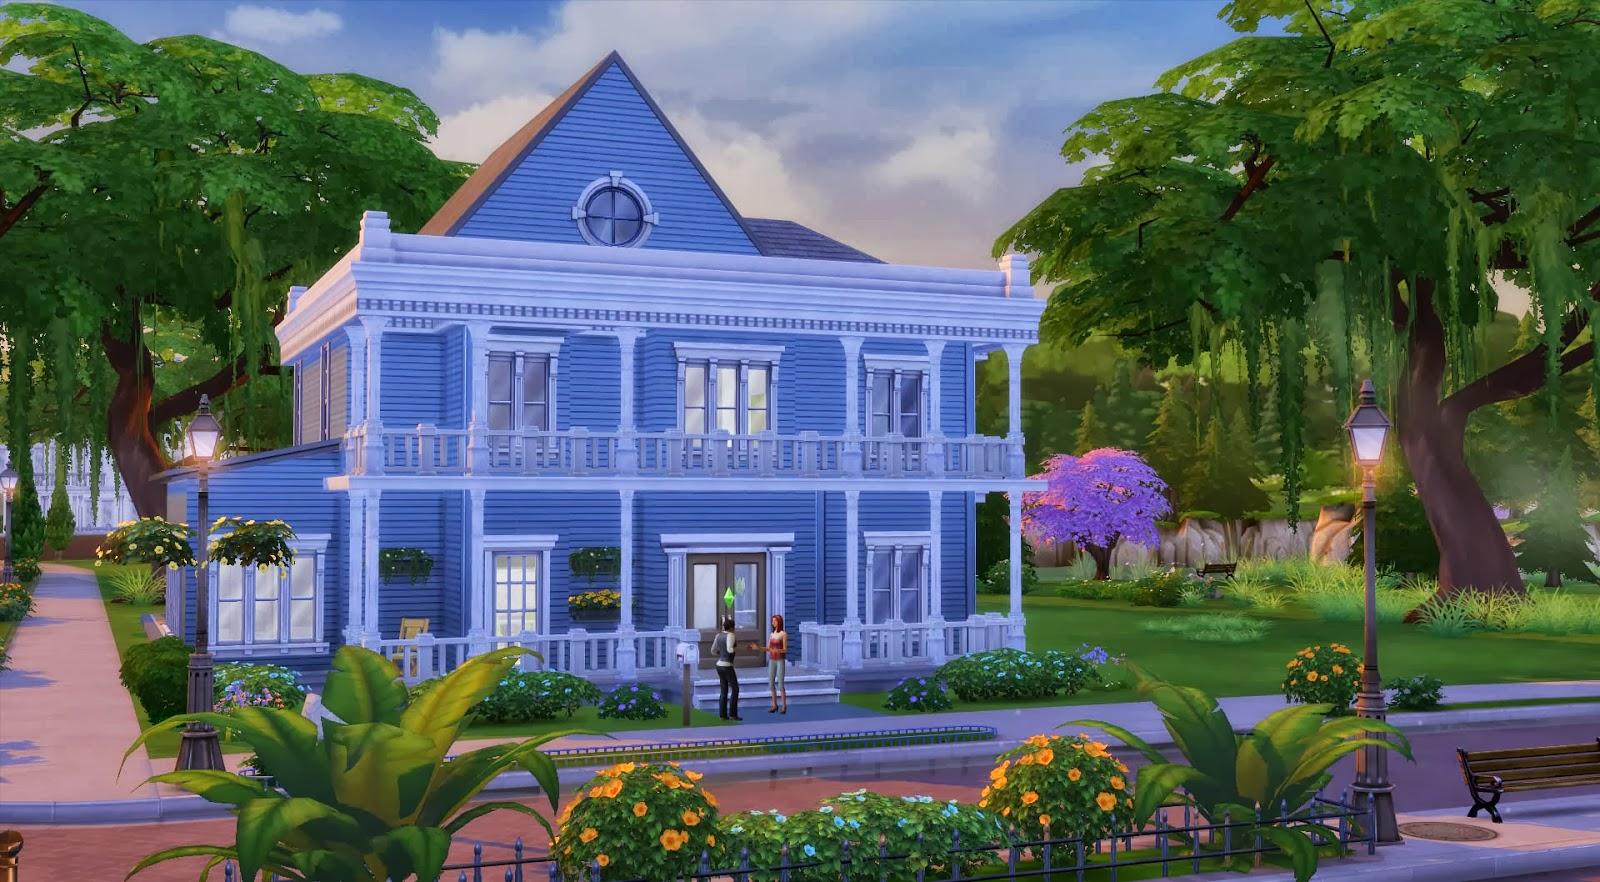 Casa de la cuarta generaci n descarga sims 3 sims soul Casas modernas sims 4 paso a paso